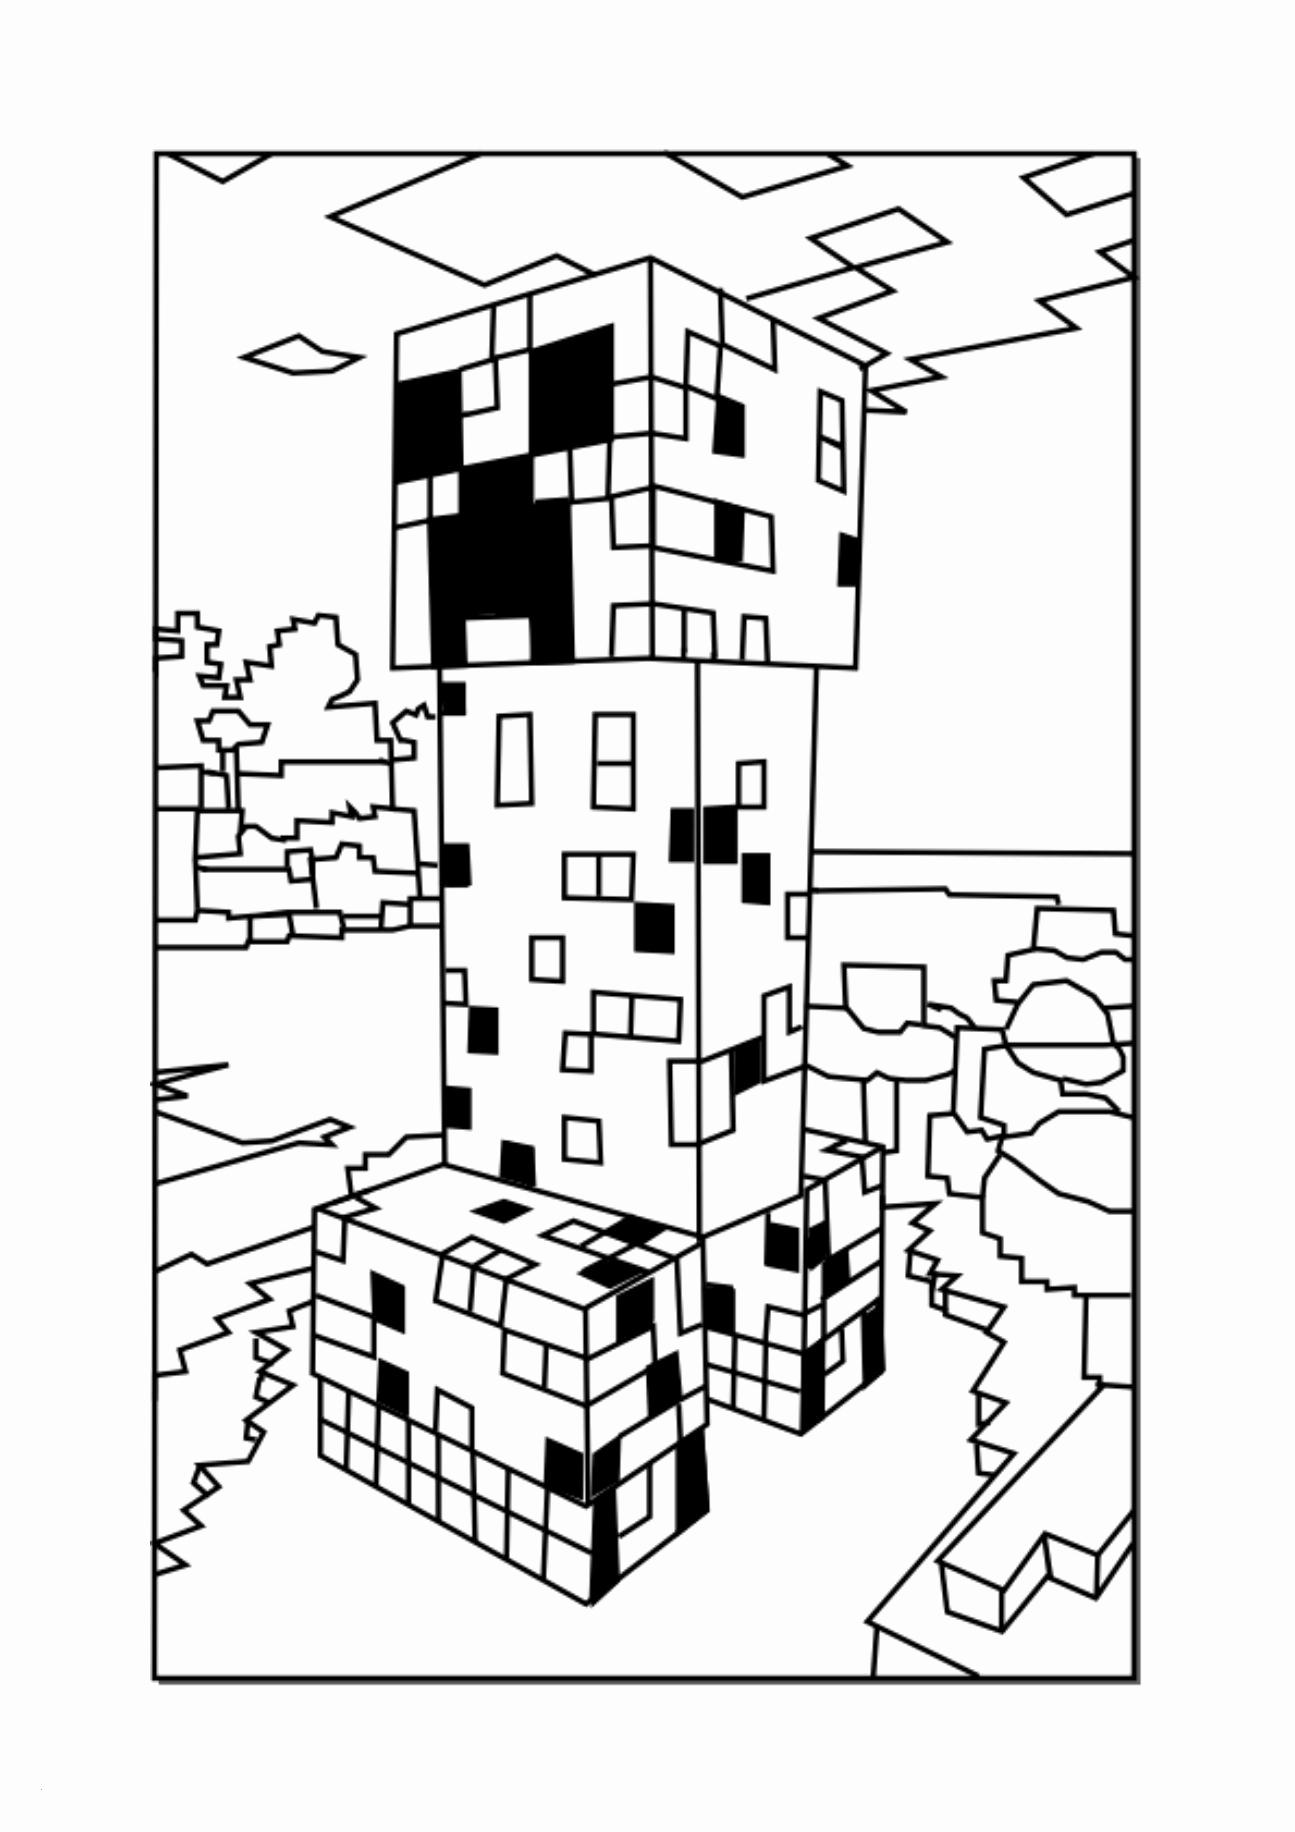 Minecraft Ausmalbilder Zum Ausdrucken Inspirierend Minecraft für Minecraft Ausmalbilder Zum Ausdrucken